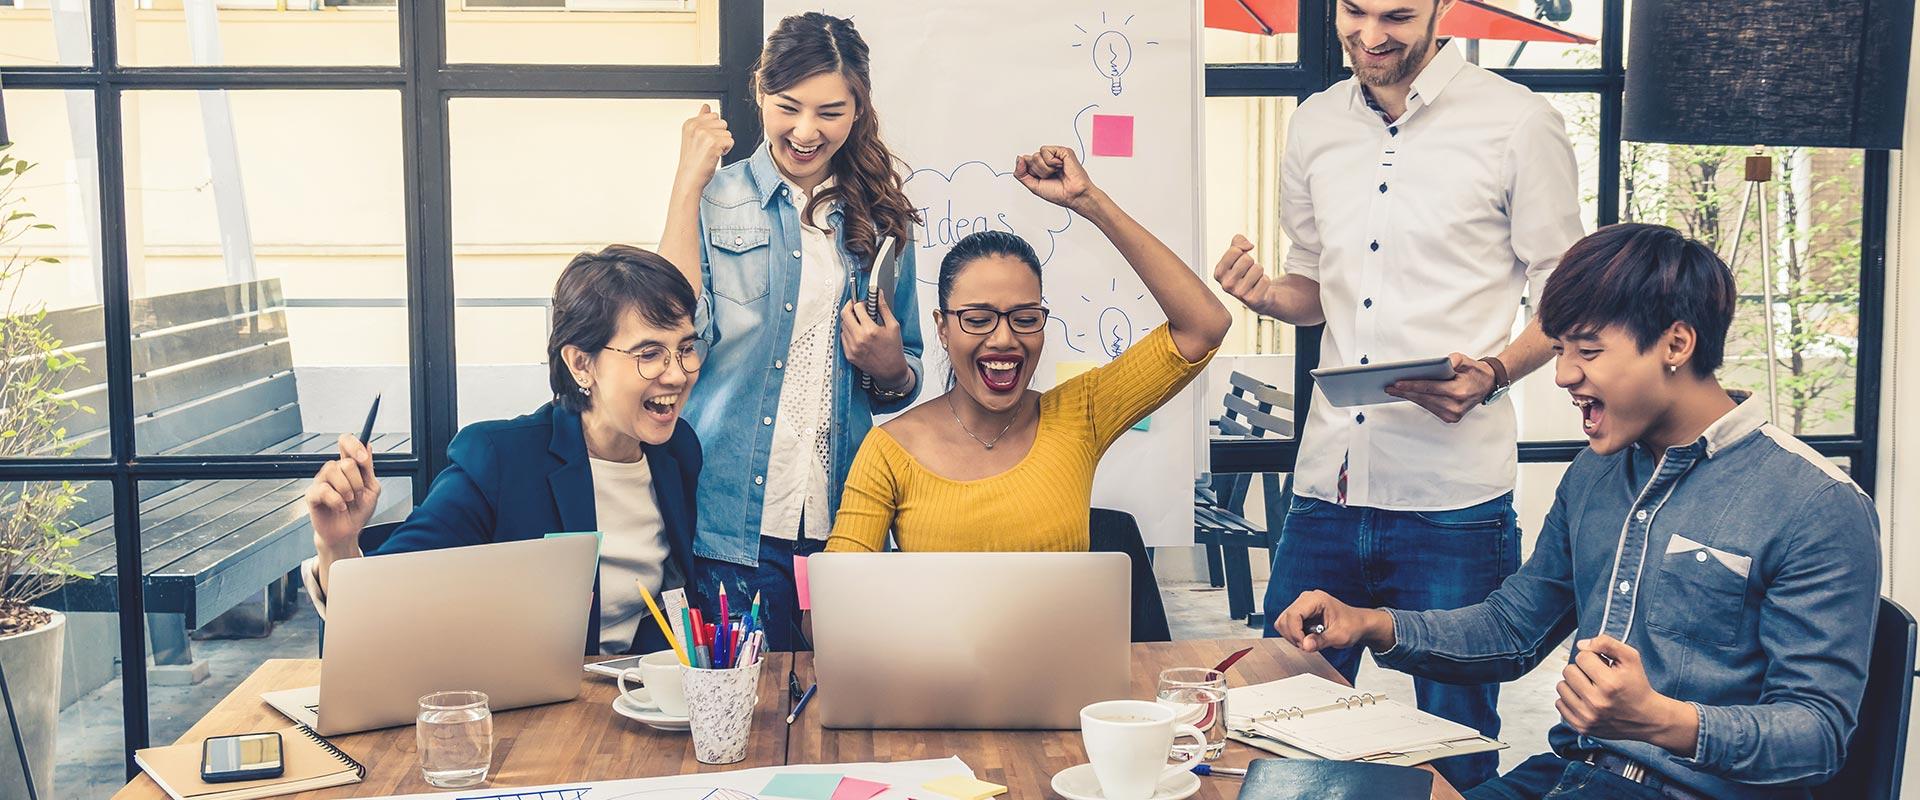 IoT au secours de la qualité de vie au travail